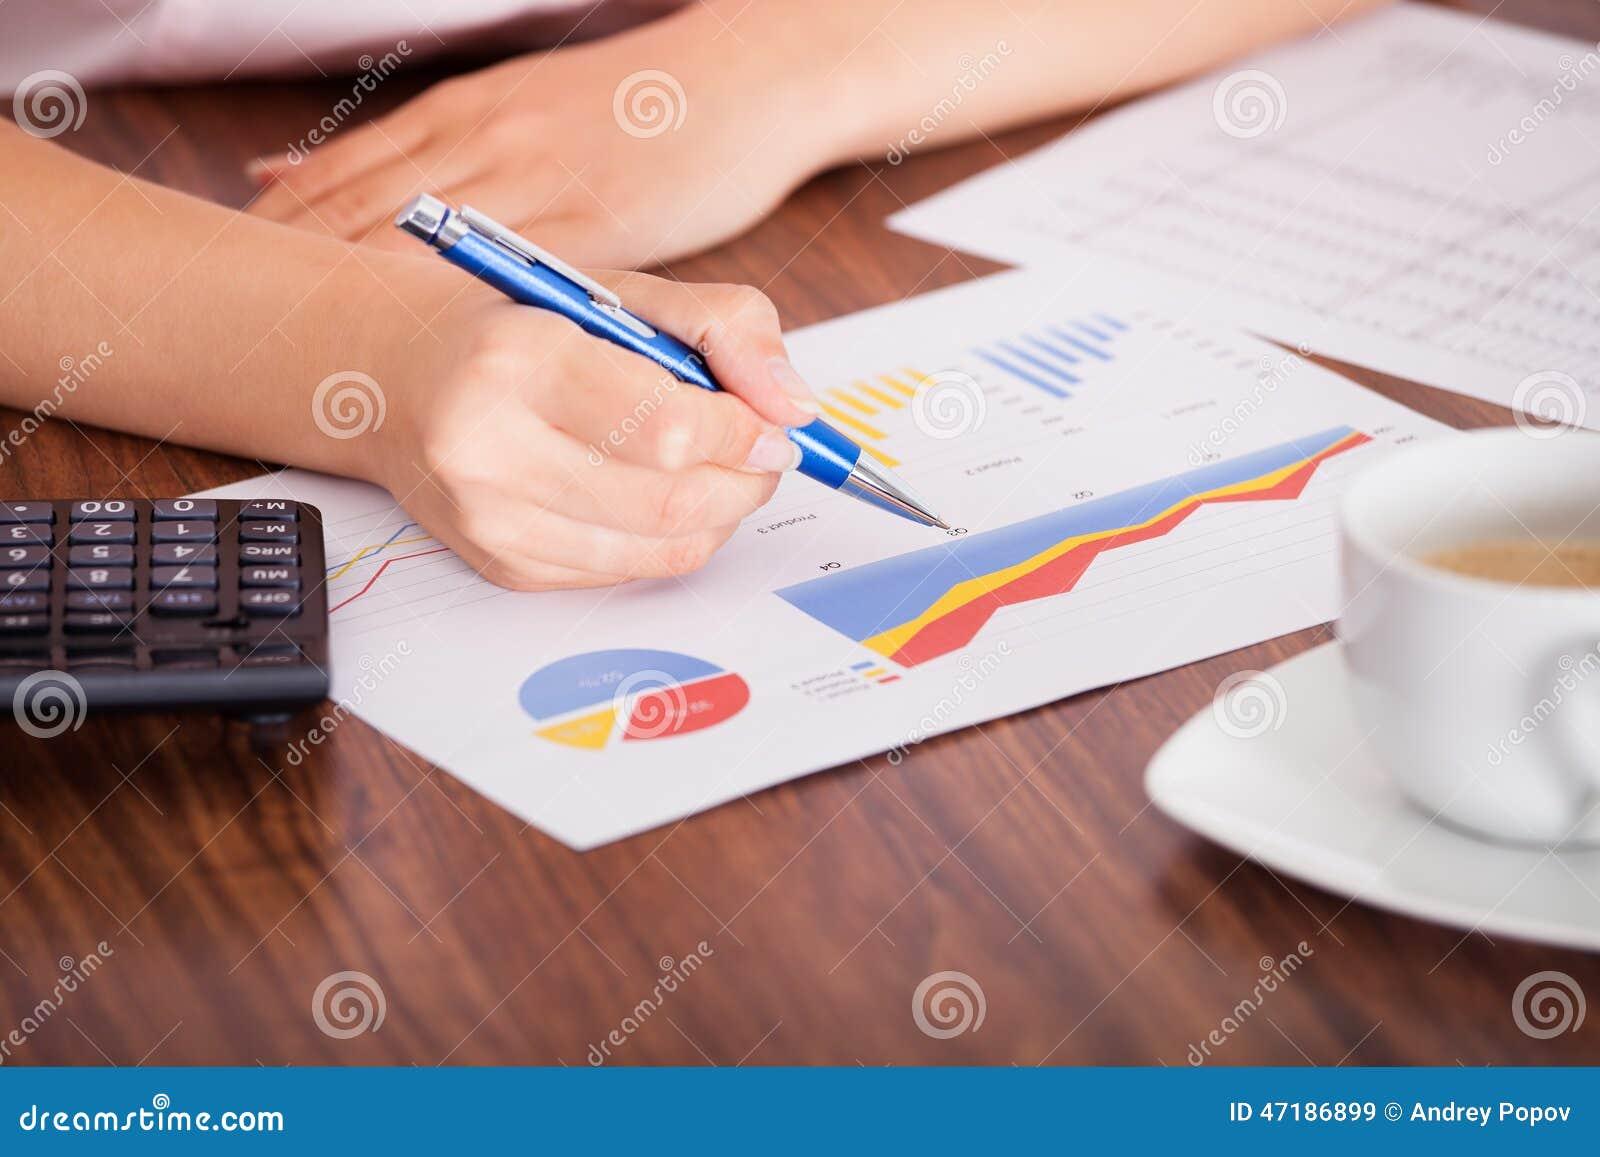 Femme analysant les données financières